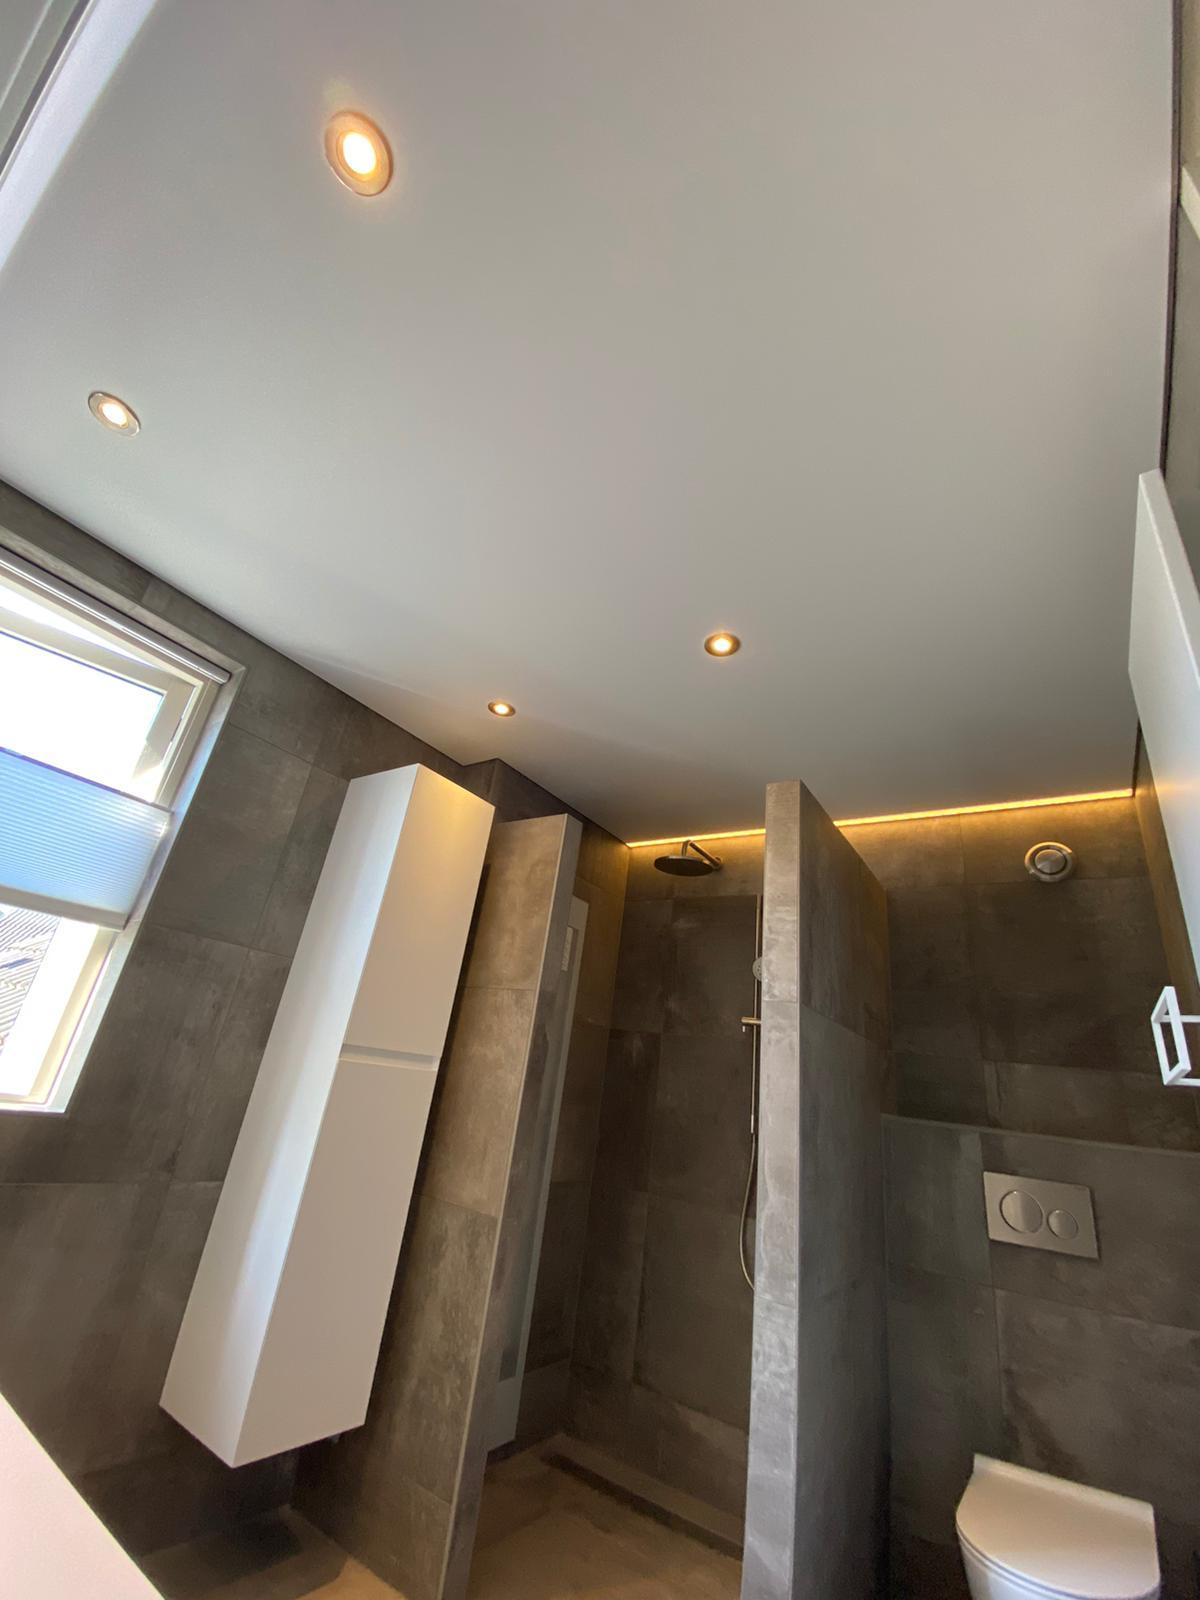 badkamers met spanplafonds is een specialist van Indara